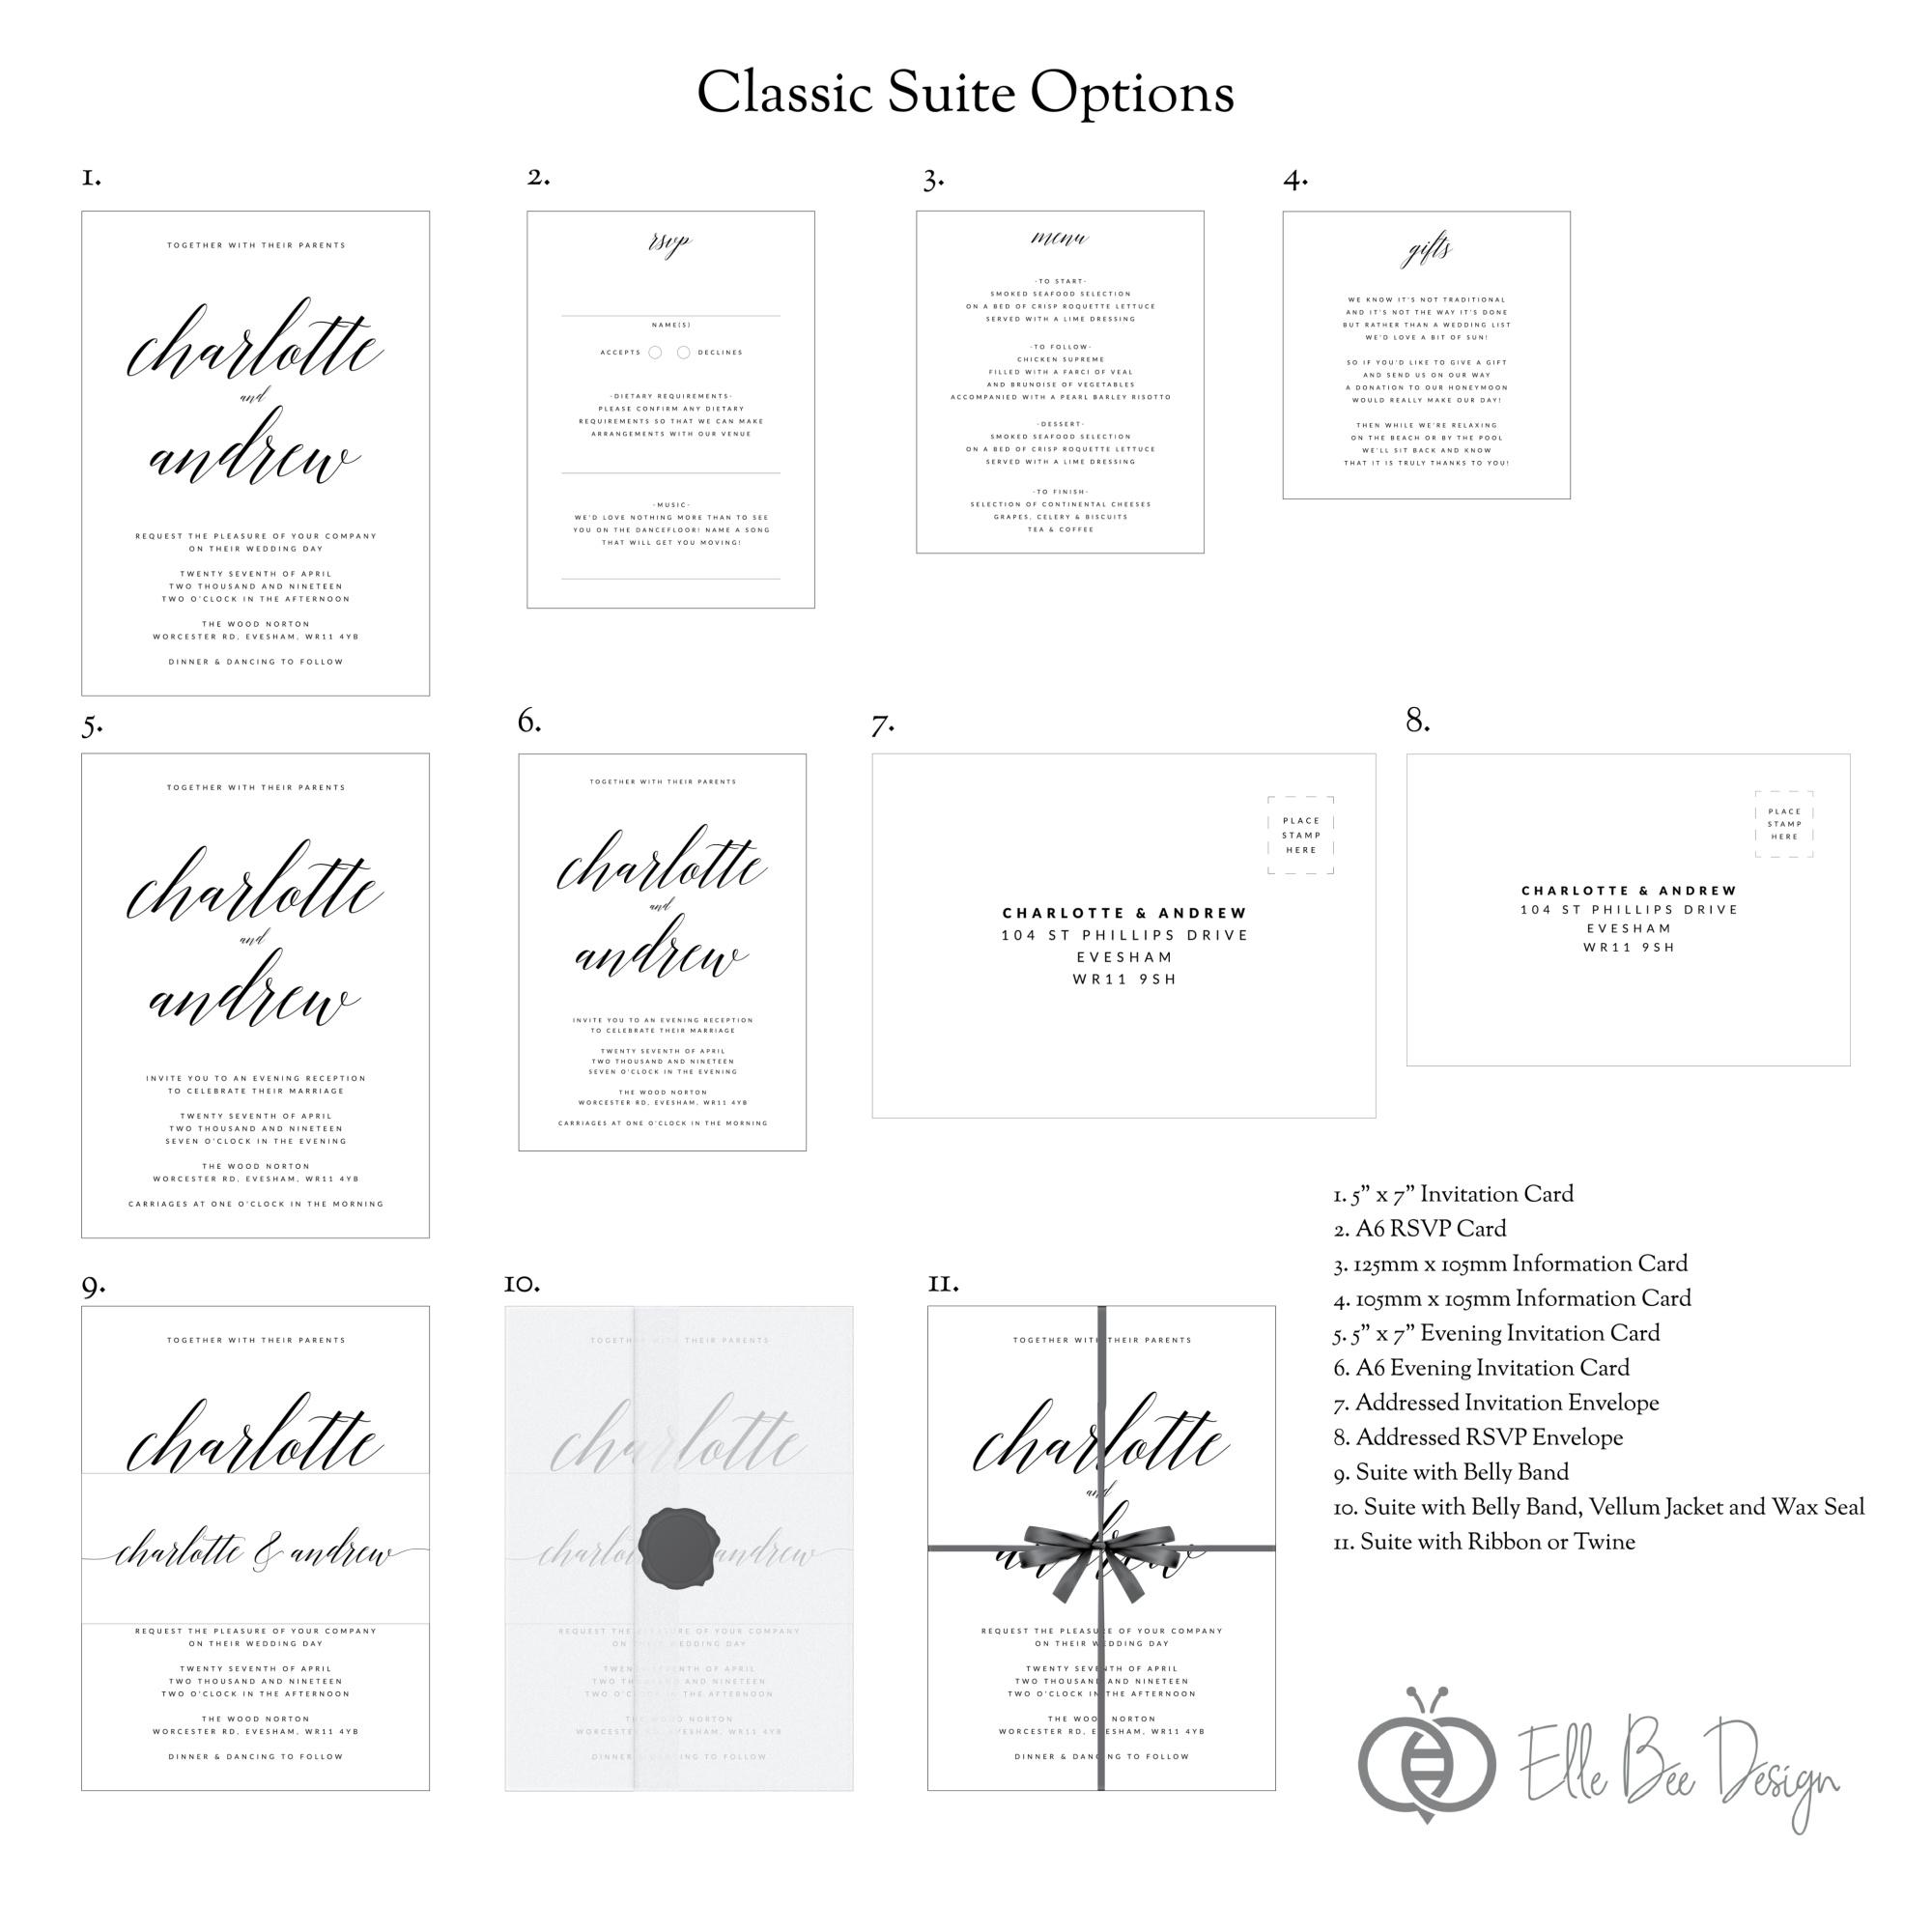 Classic Suite Options (1).jpg